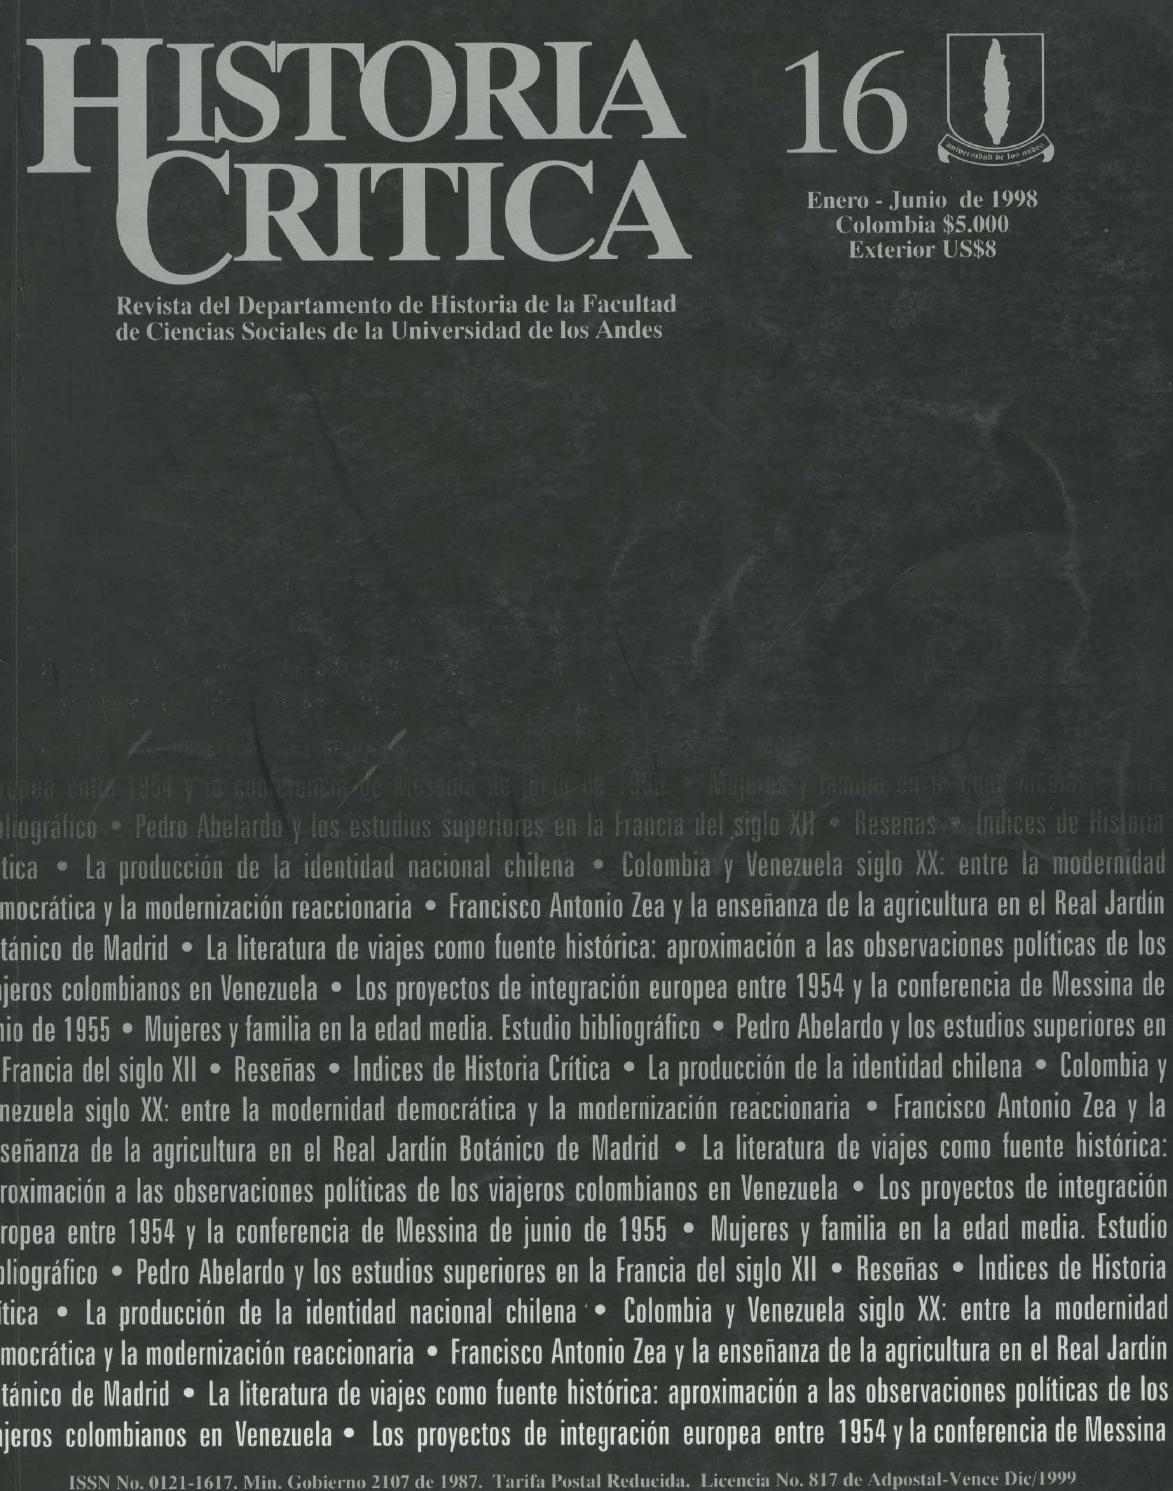 Historia Crítica No 16 By Publicaciones Faciso Issuu